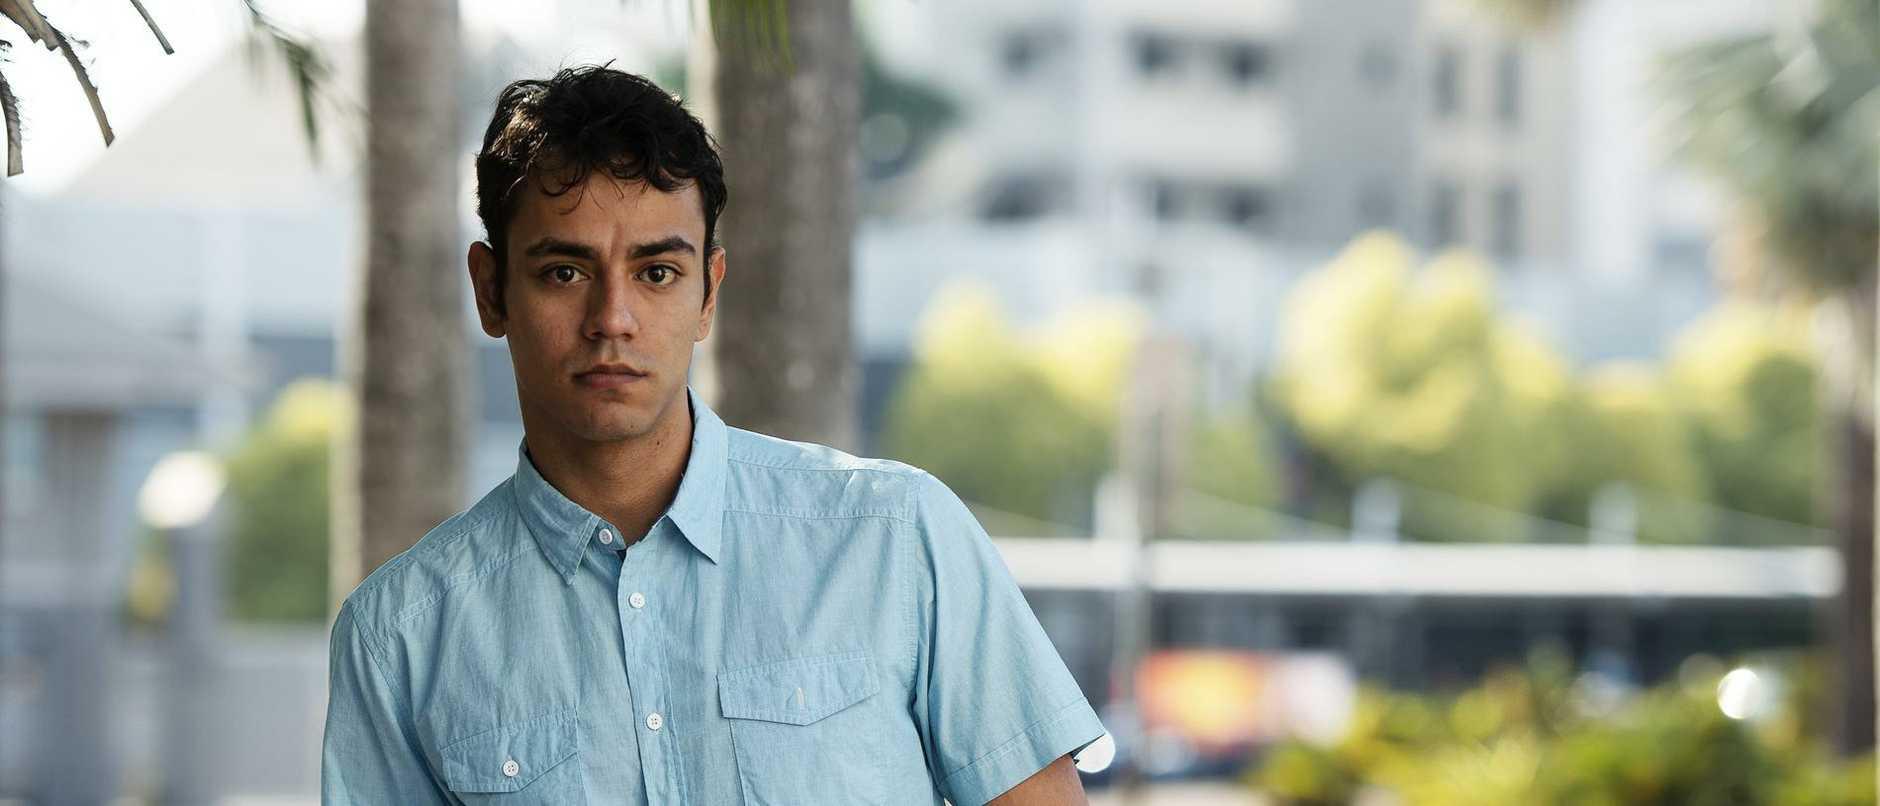 Nathan Borges Periera Da Silva